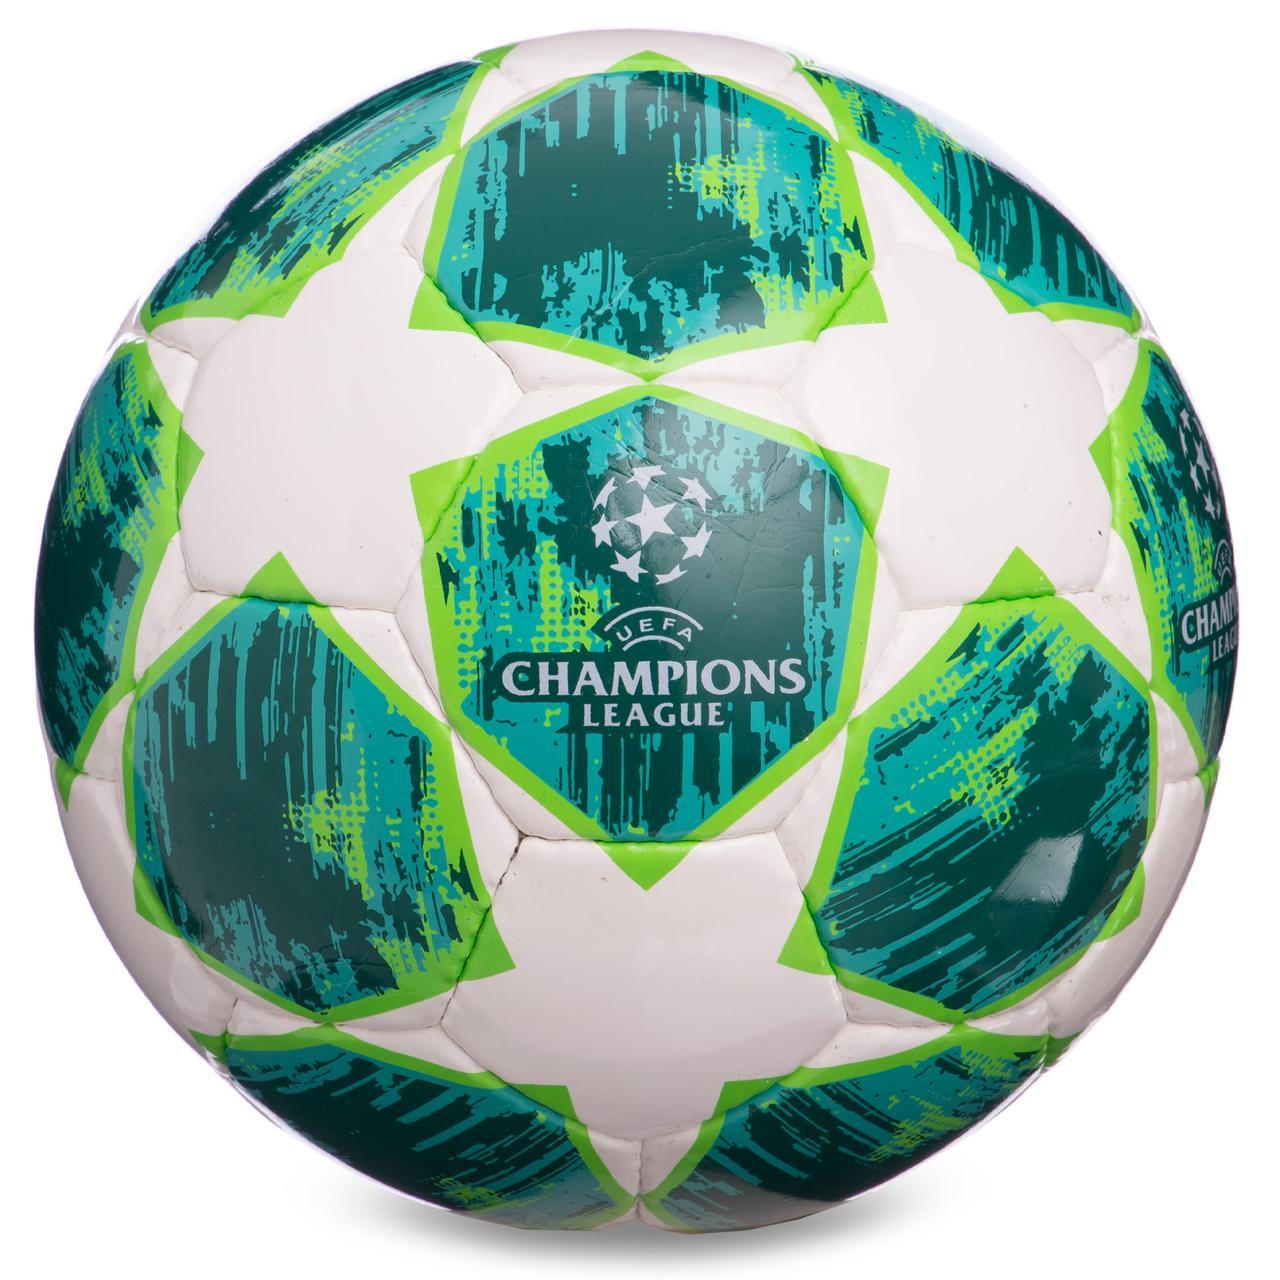 М'яч для футболу розмір 4 PU ламінований CHAMPIONS LEAGUE біло-зелений FB-0152-1